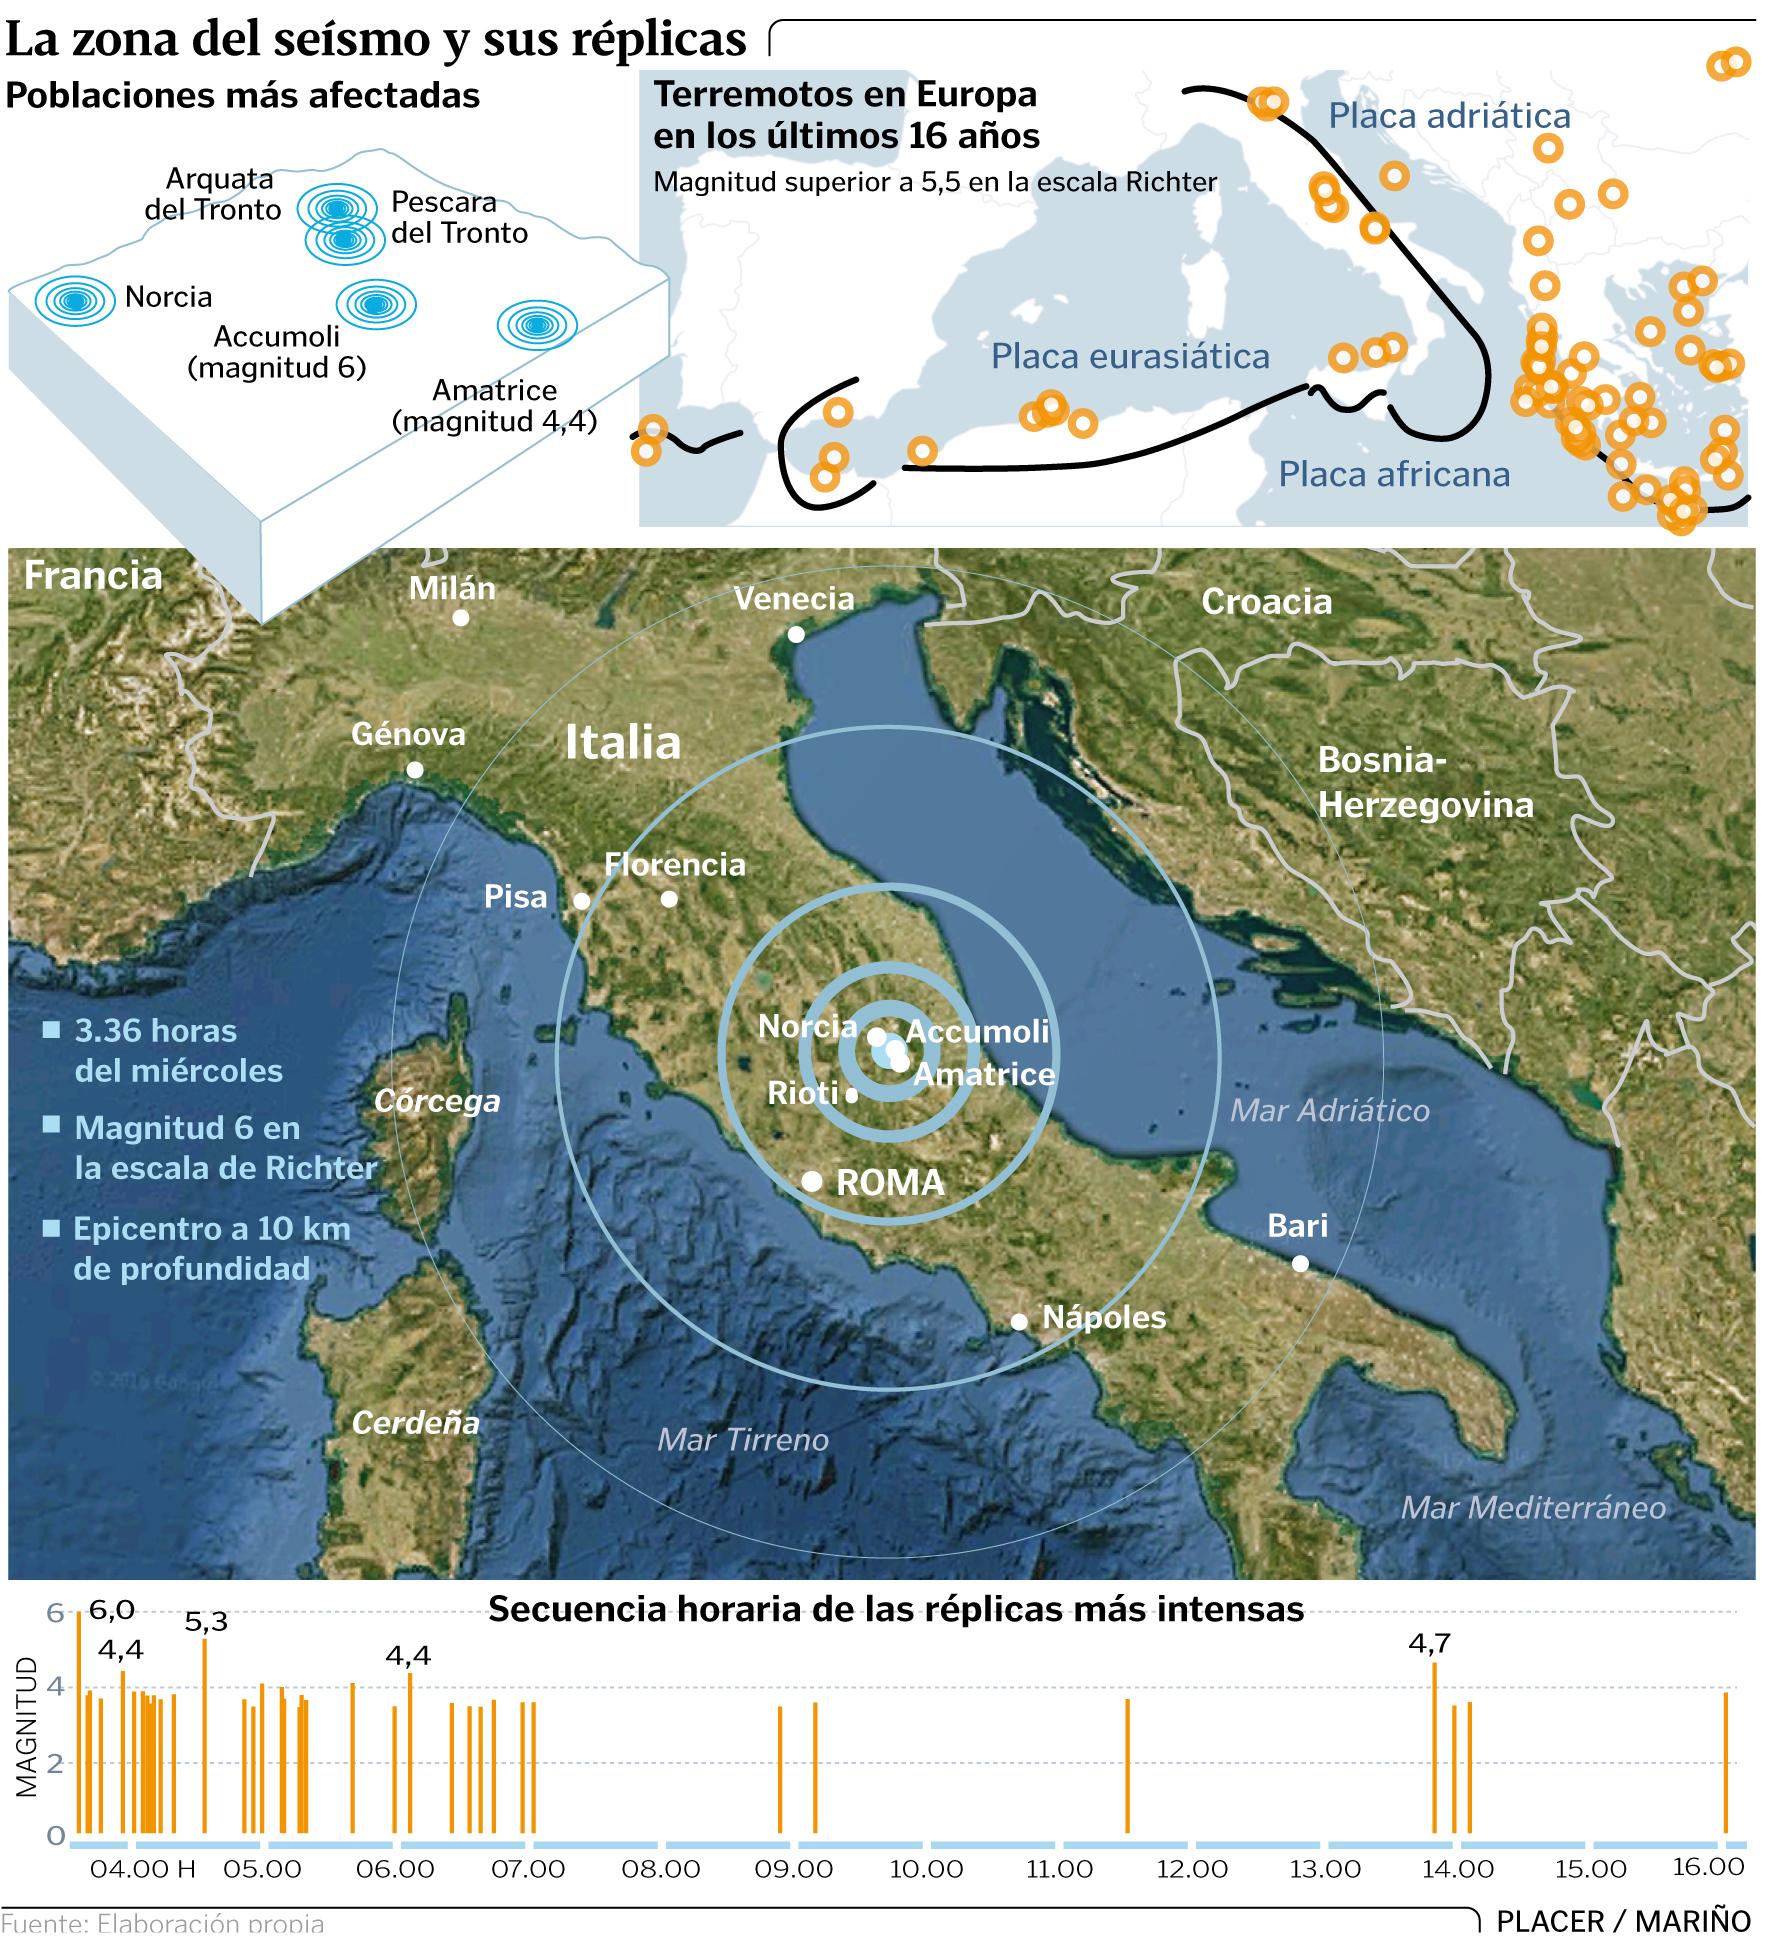 Muertes obreras en el seísmo en Italia Gg25p3g1